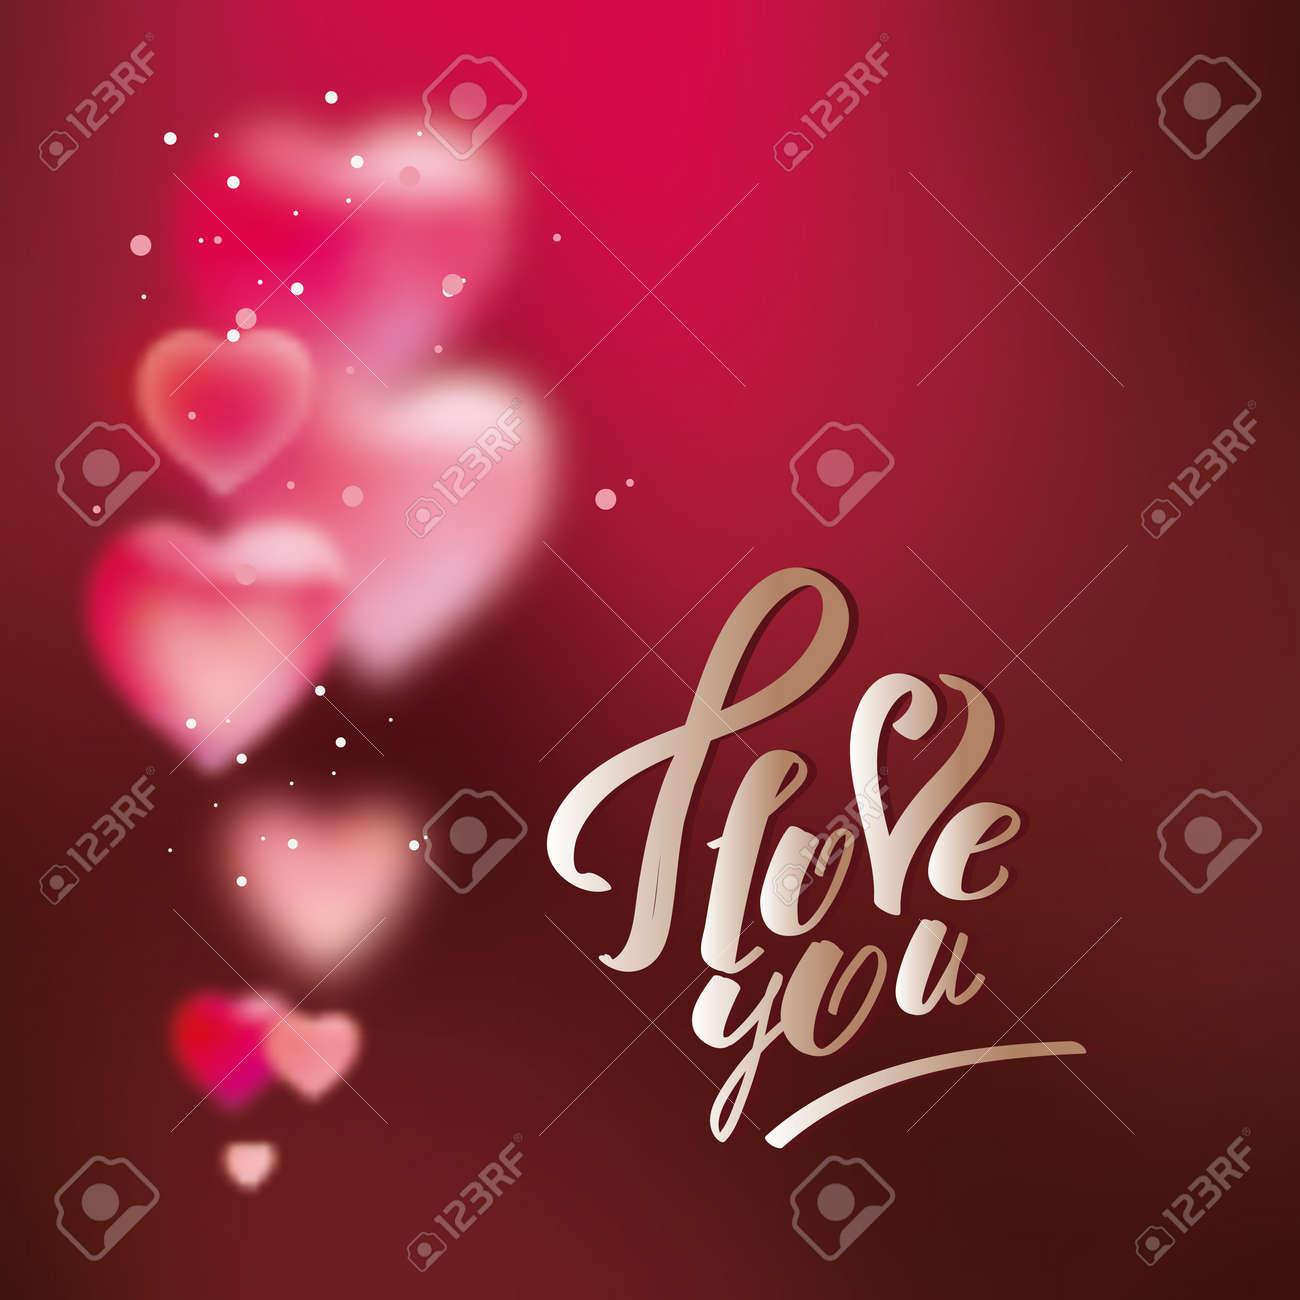 Hintergrund Mit Herzen Zum Valentinstag Vorlage Fur Grusskarten